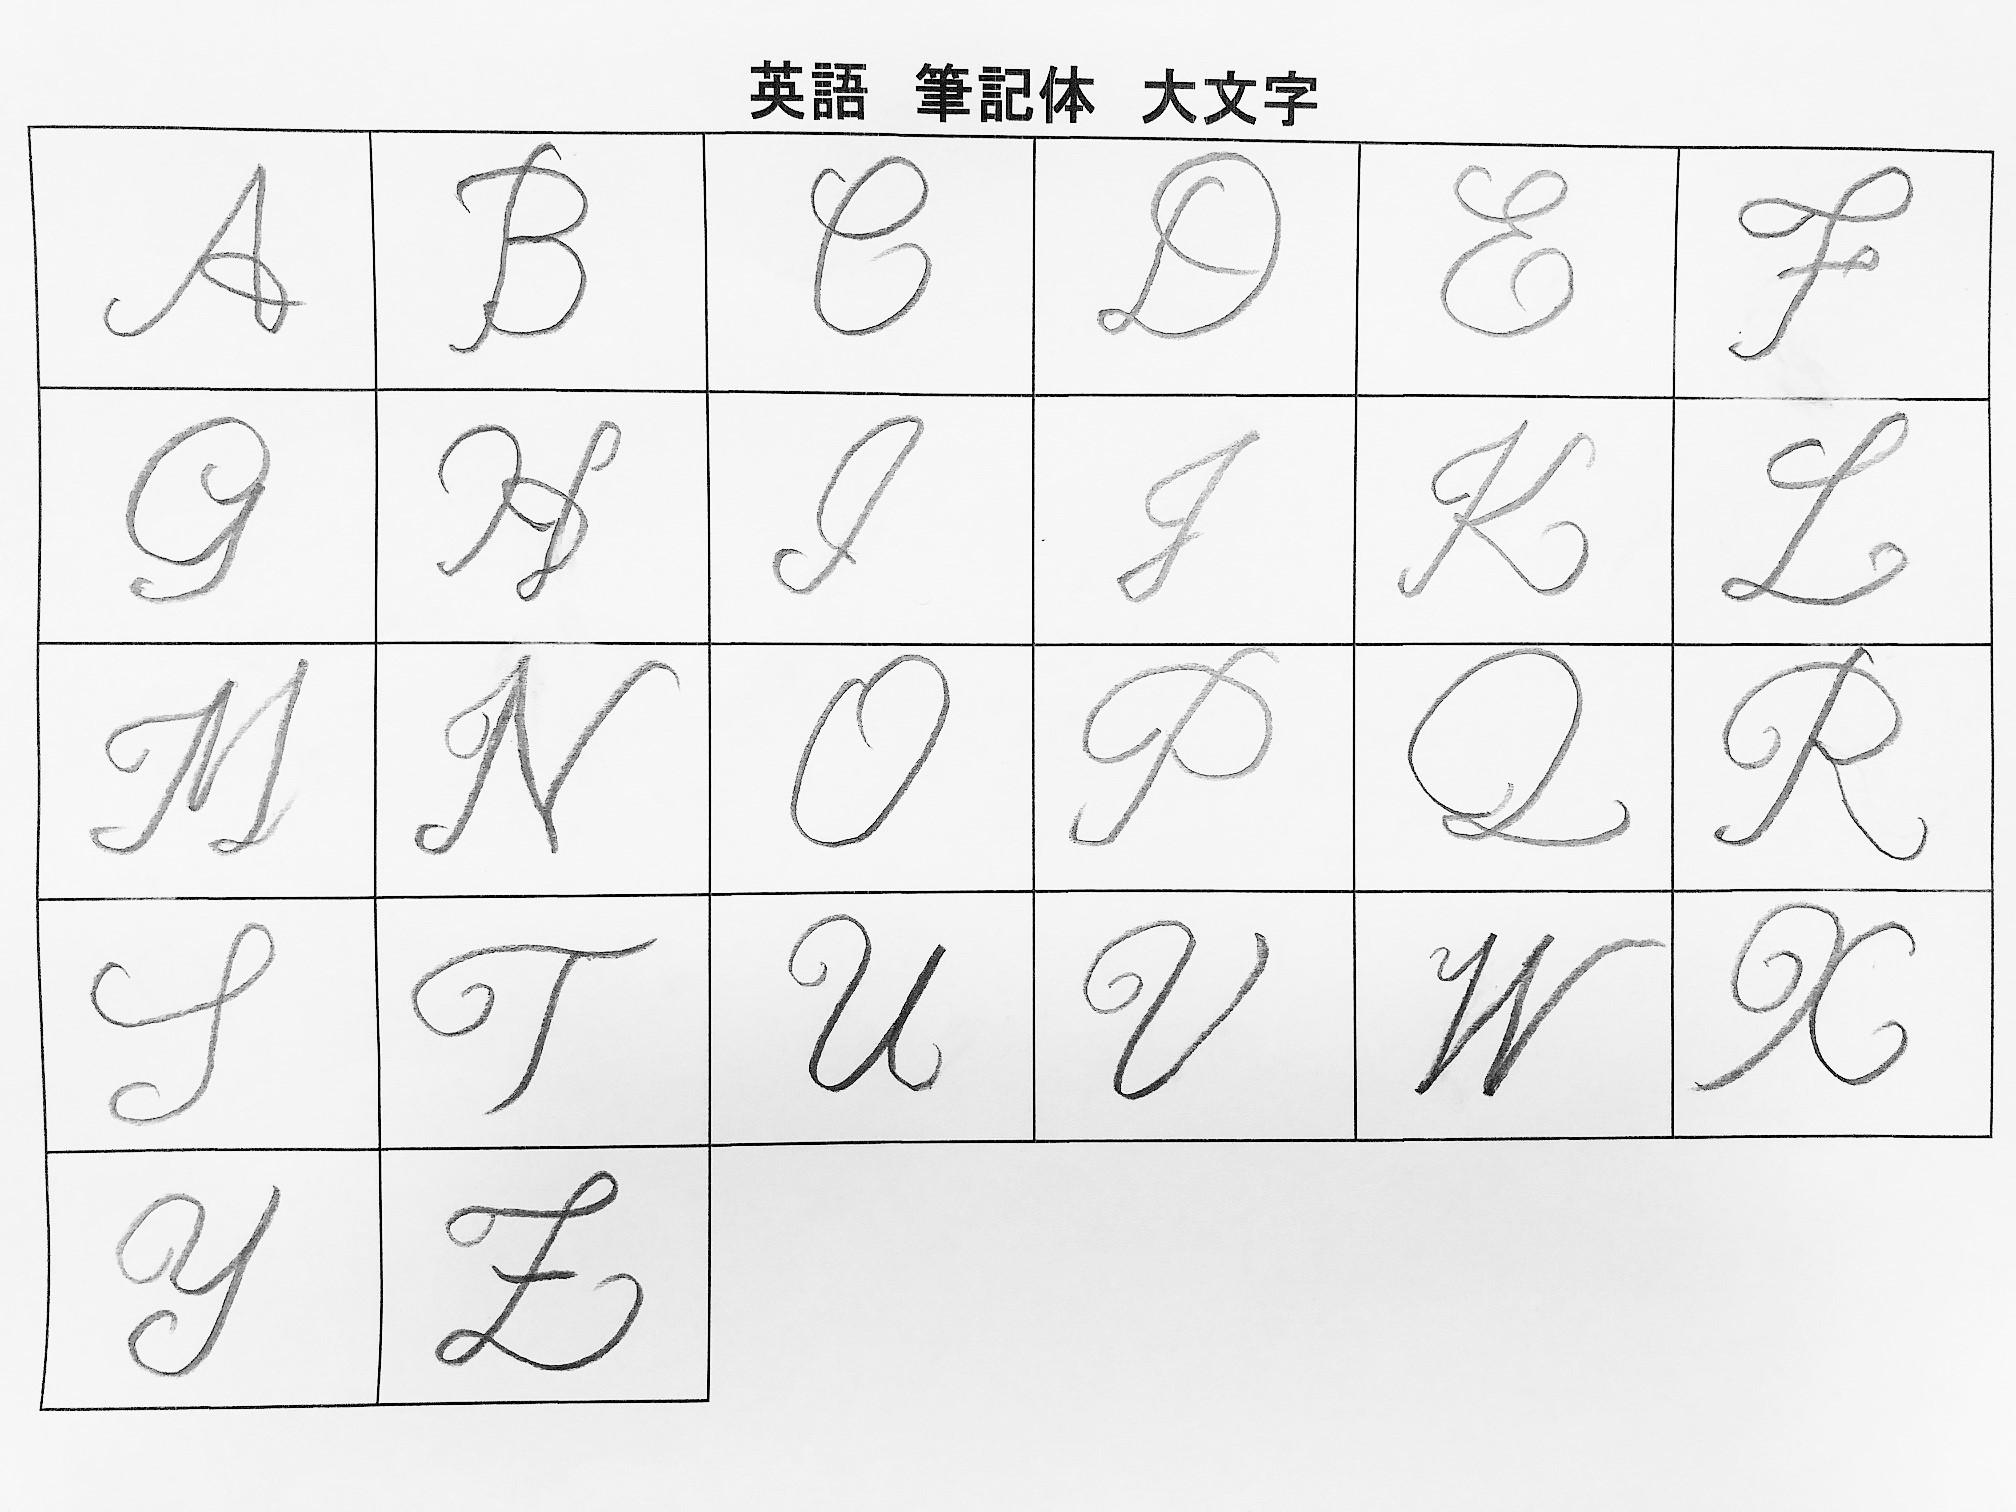 ローマ字 表 小文字